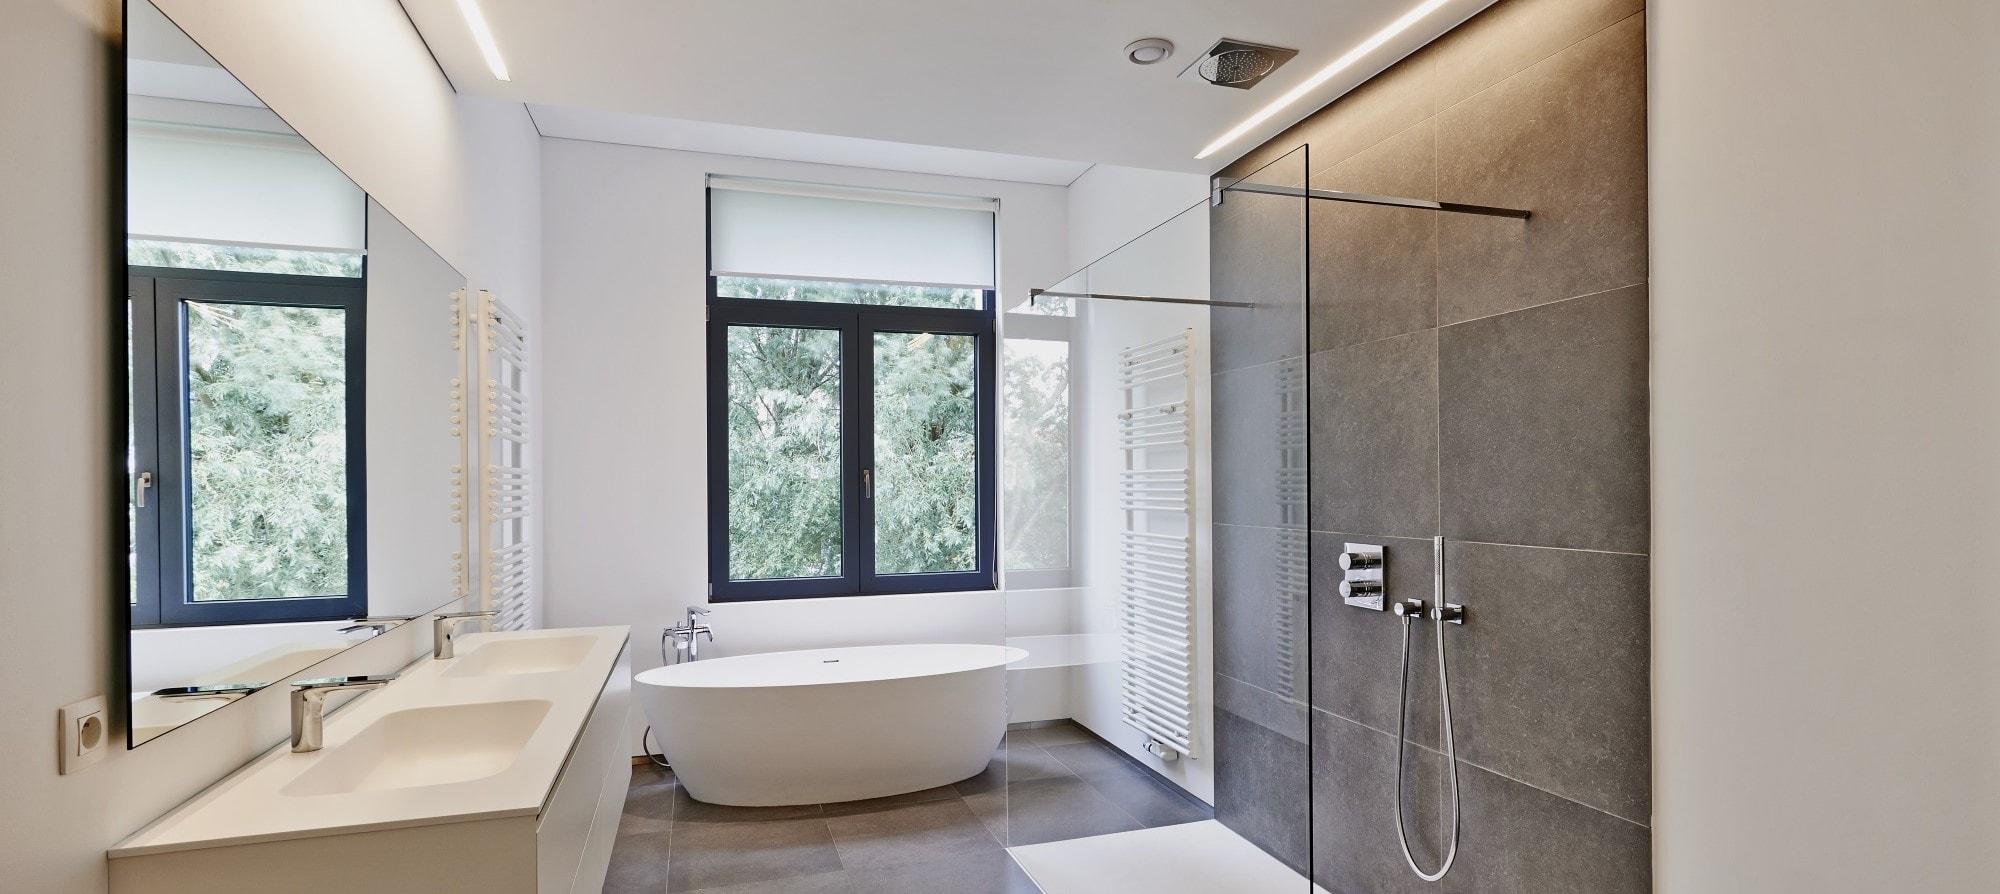 Badsanierung 1230 Wien